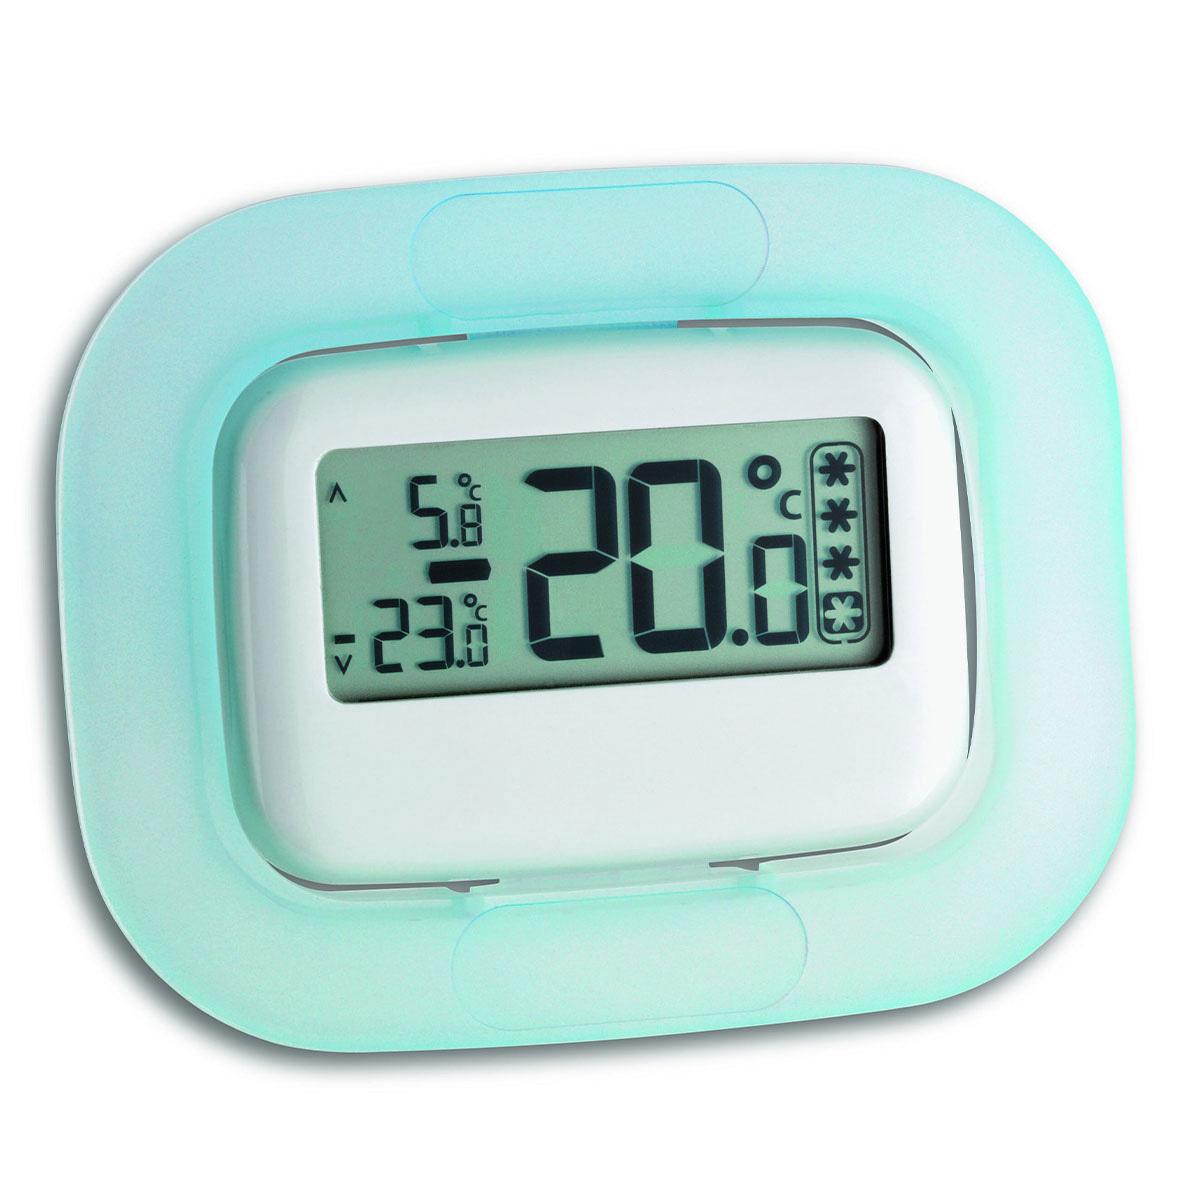 30-1042-digitales-kühl-gefrierschrank-thermometer-ansicht1-1200x1200px.jpg